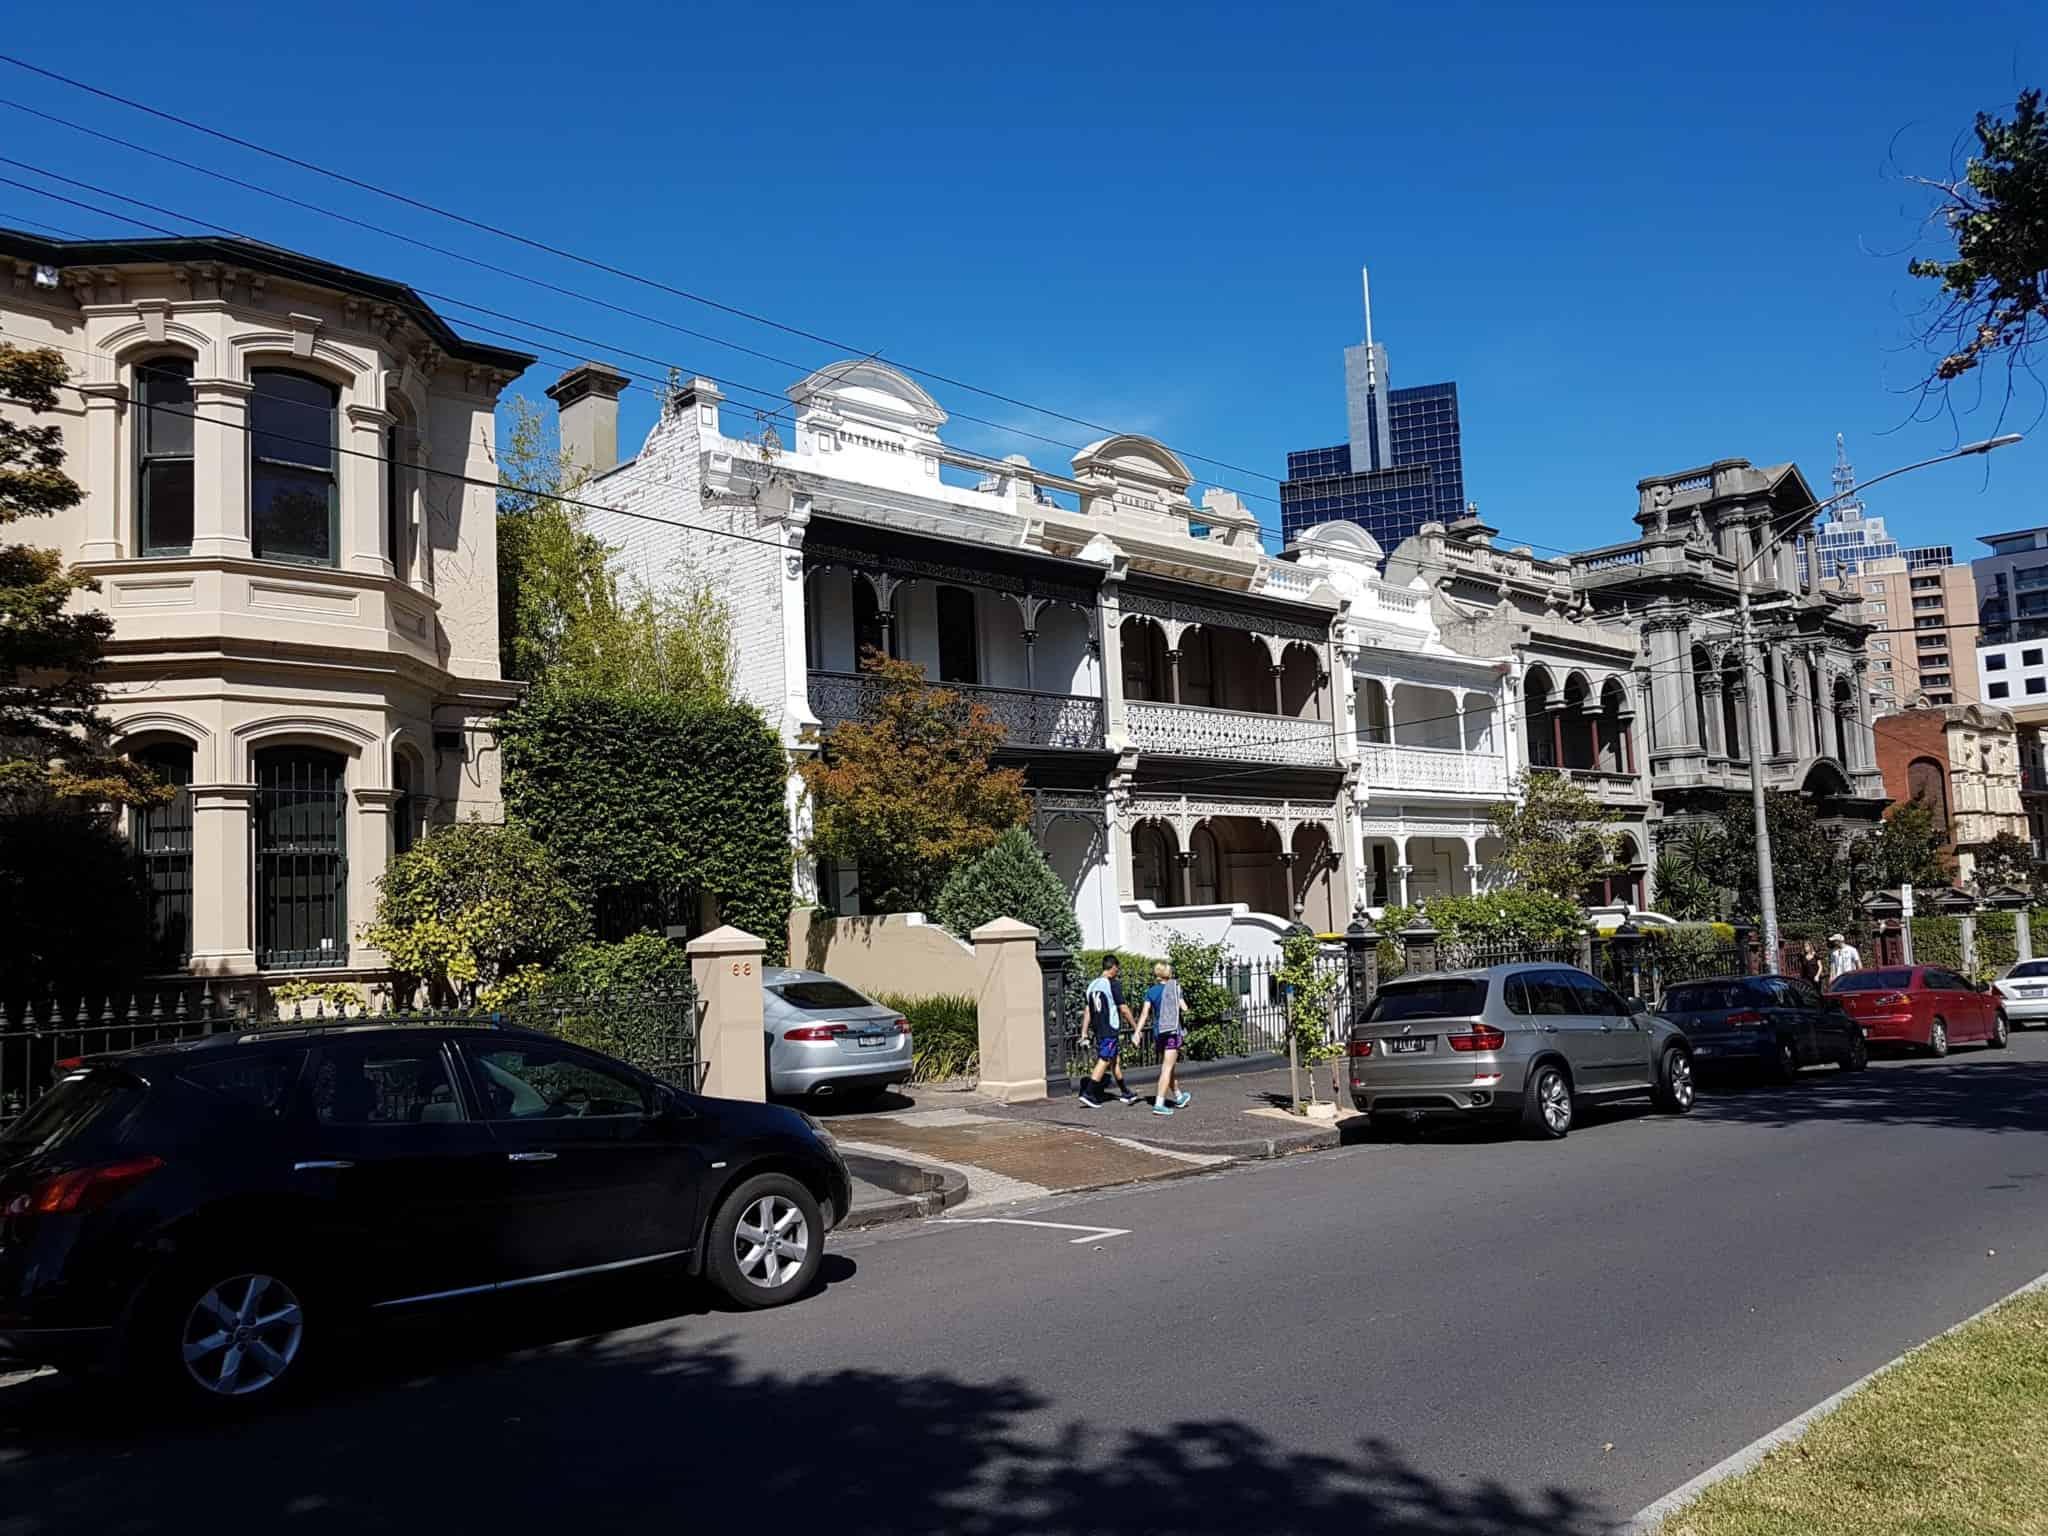 Australie, trois jours à découvrir Melbourne 👣 4